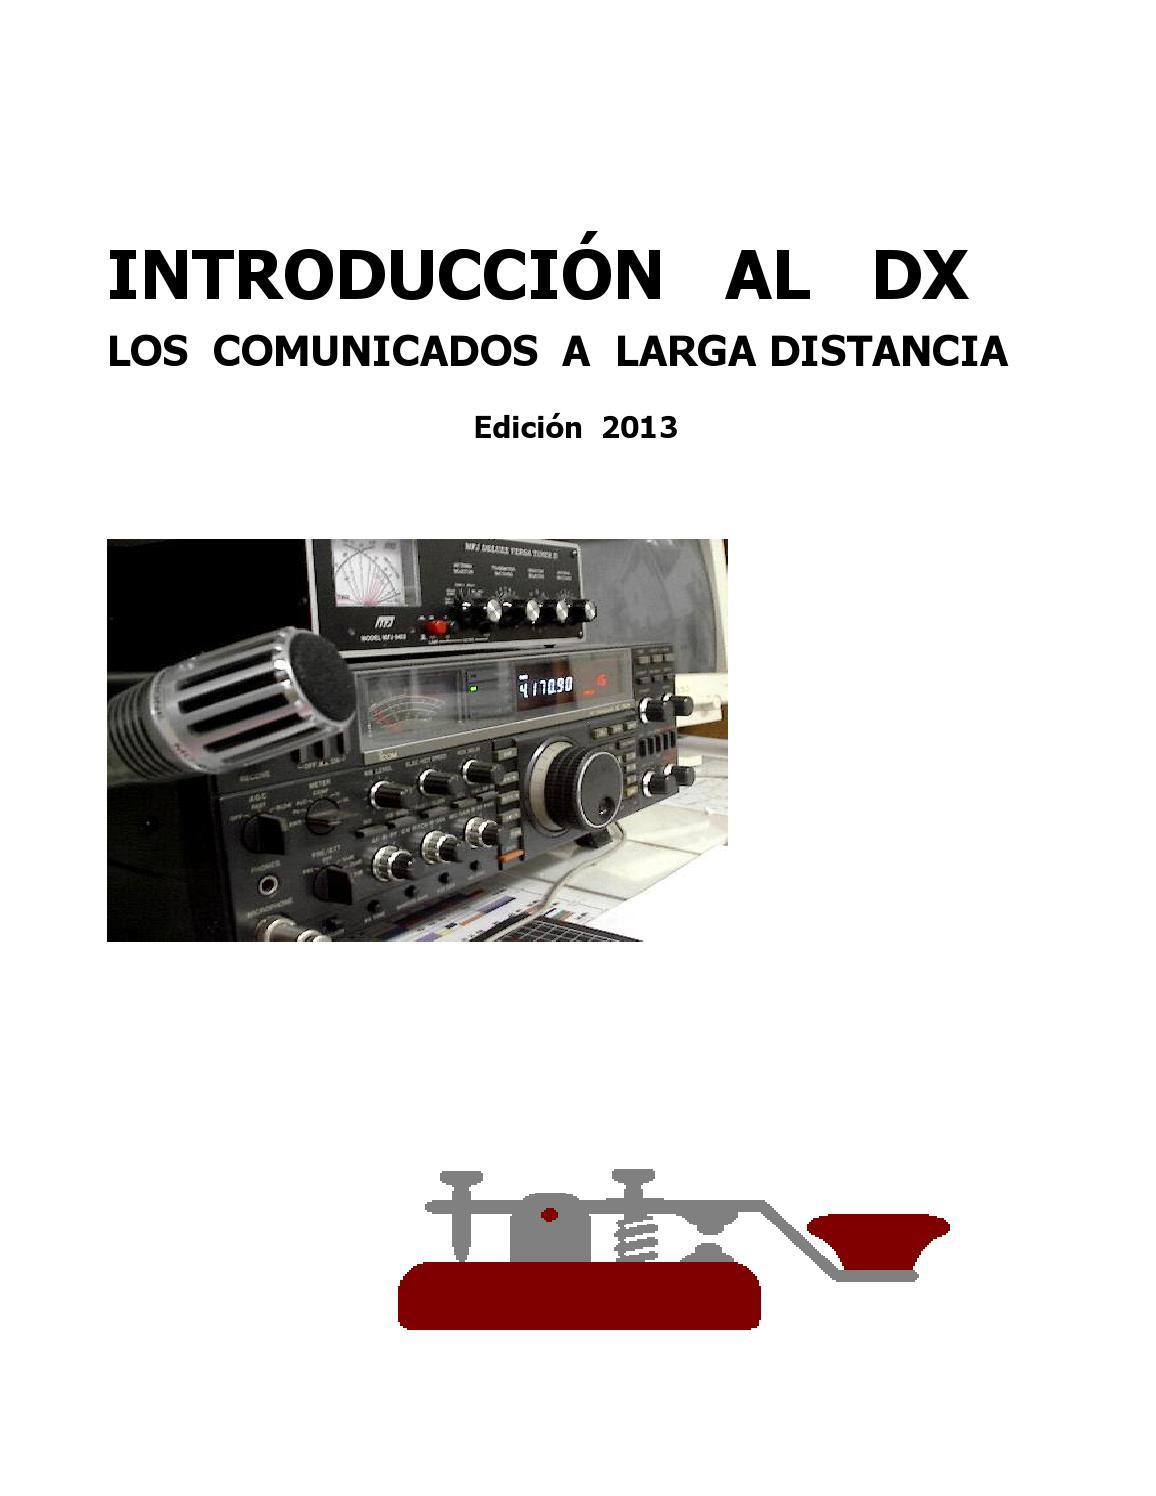 Manual introduccion al dx ediciã³n 2013 1 oct 2013 2014 by Miguel ...